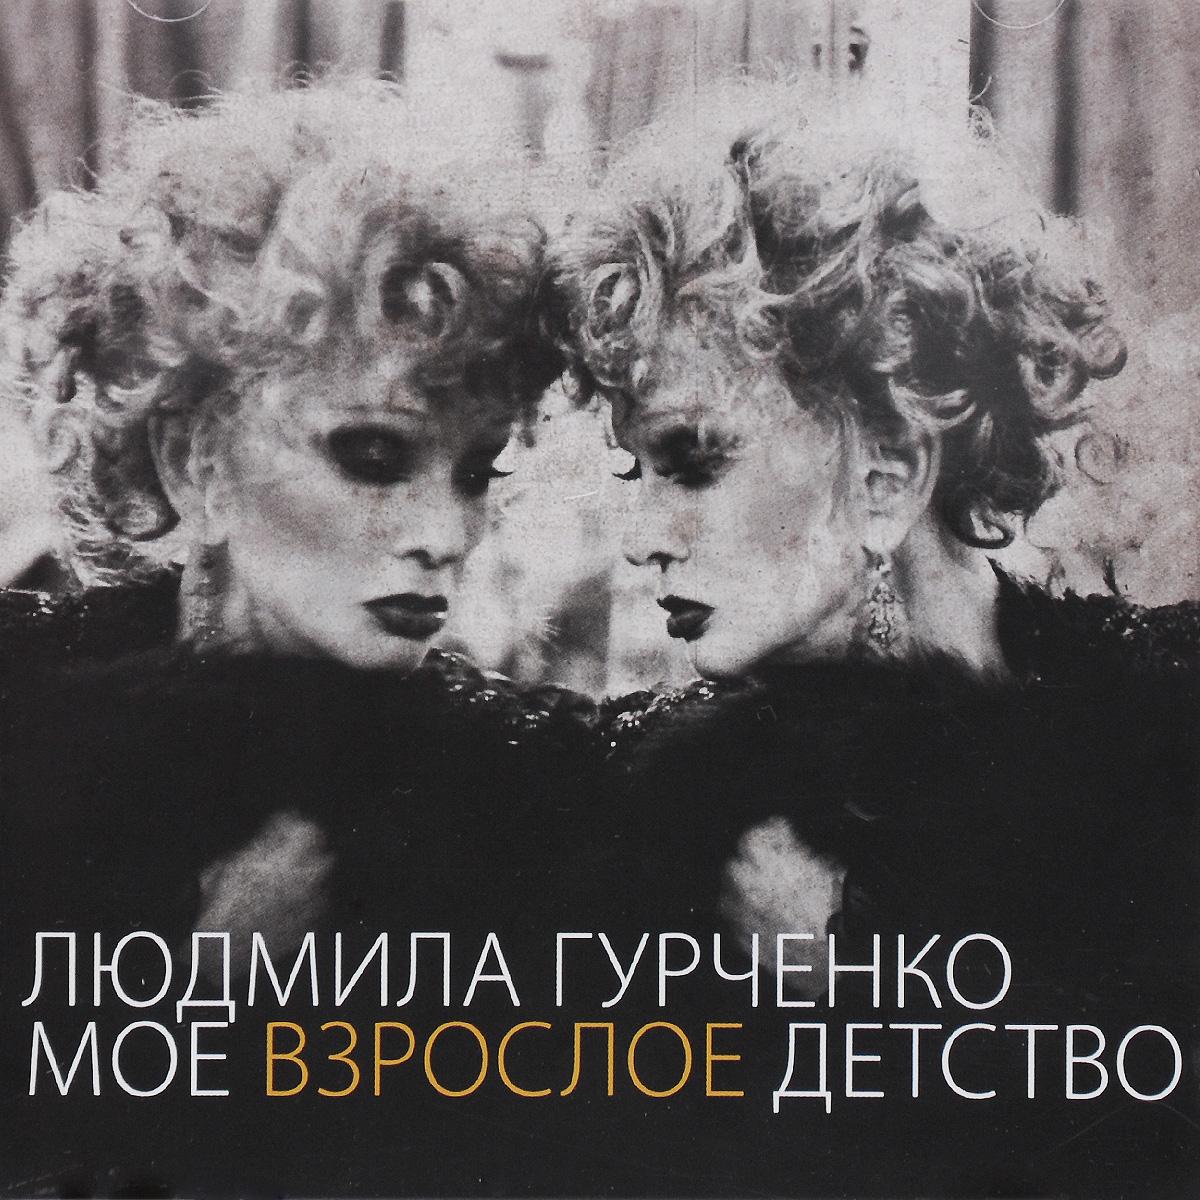 Людмила Гурченко Людмила Гурченко. Мое взрослое детство (2 mp3) людмила женщинам